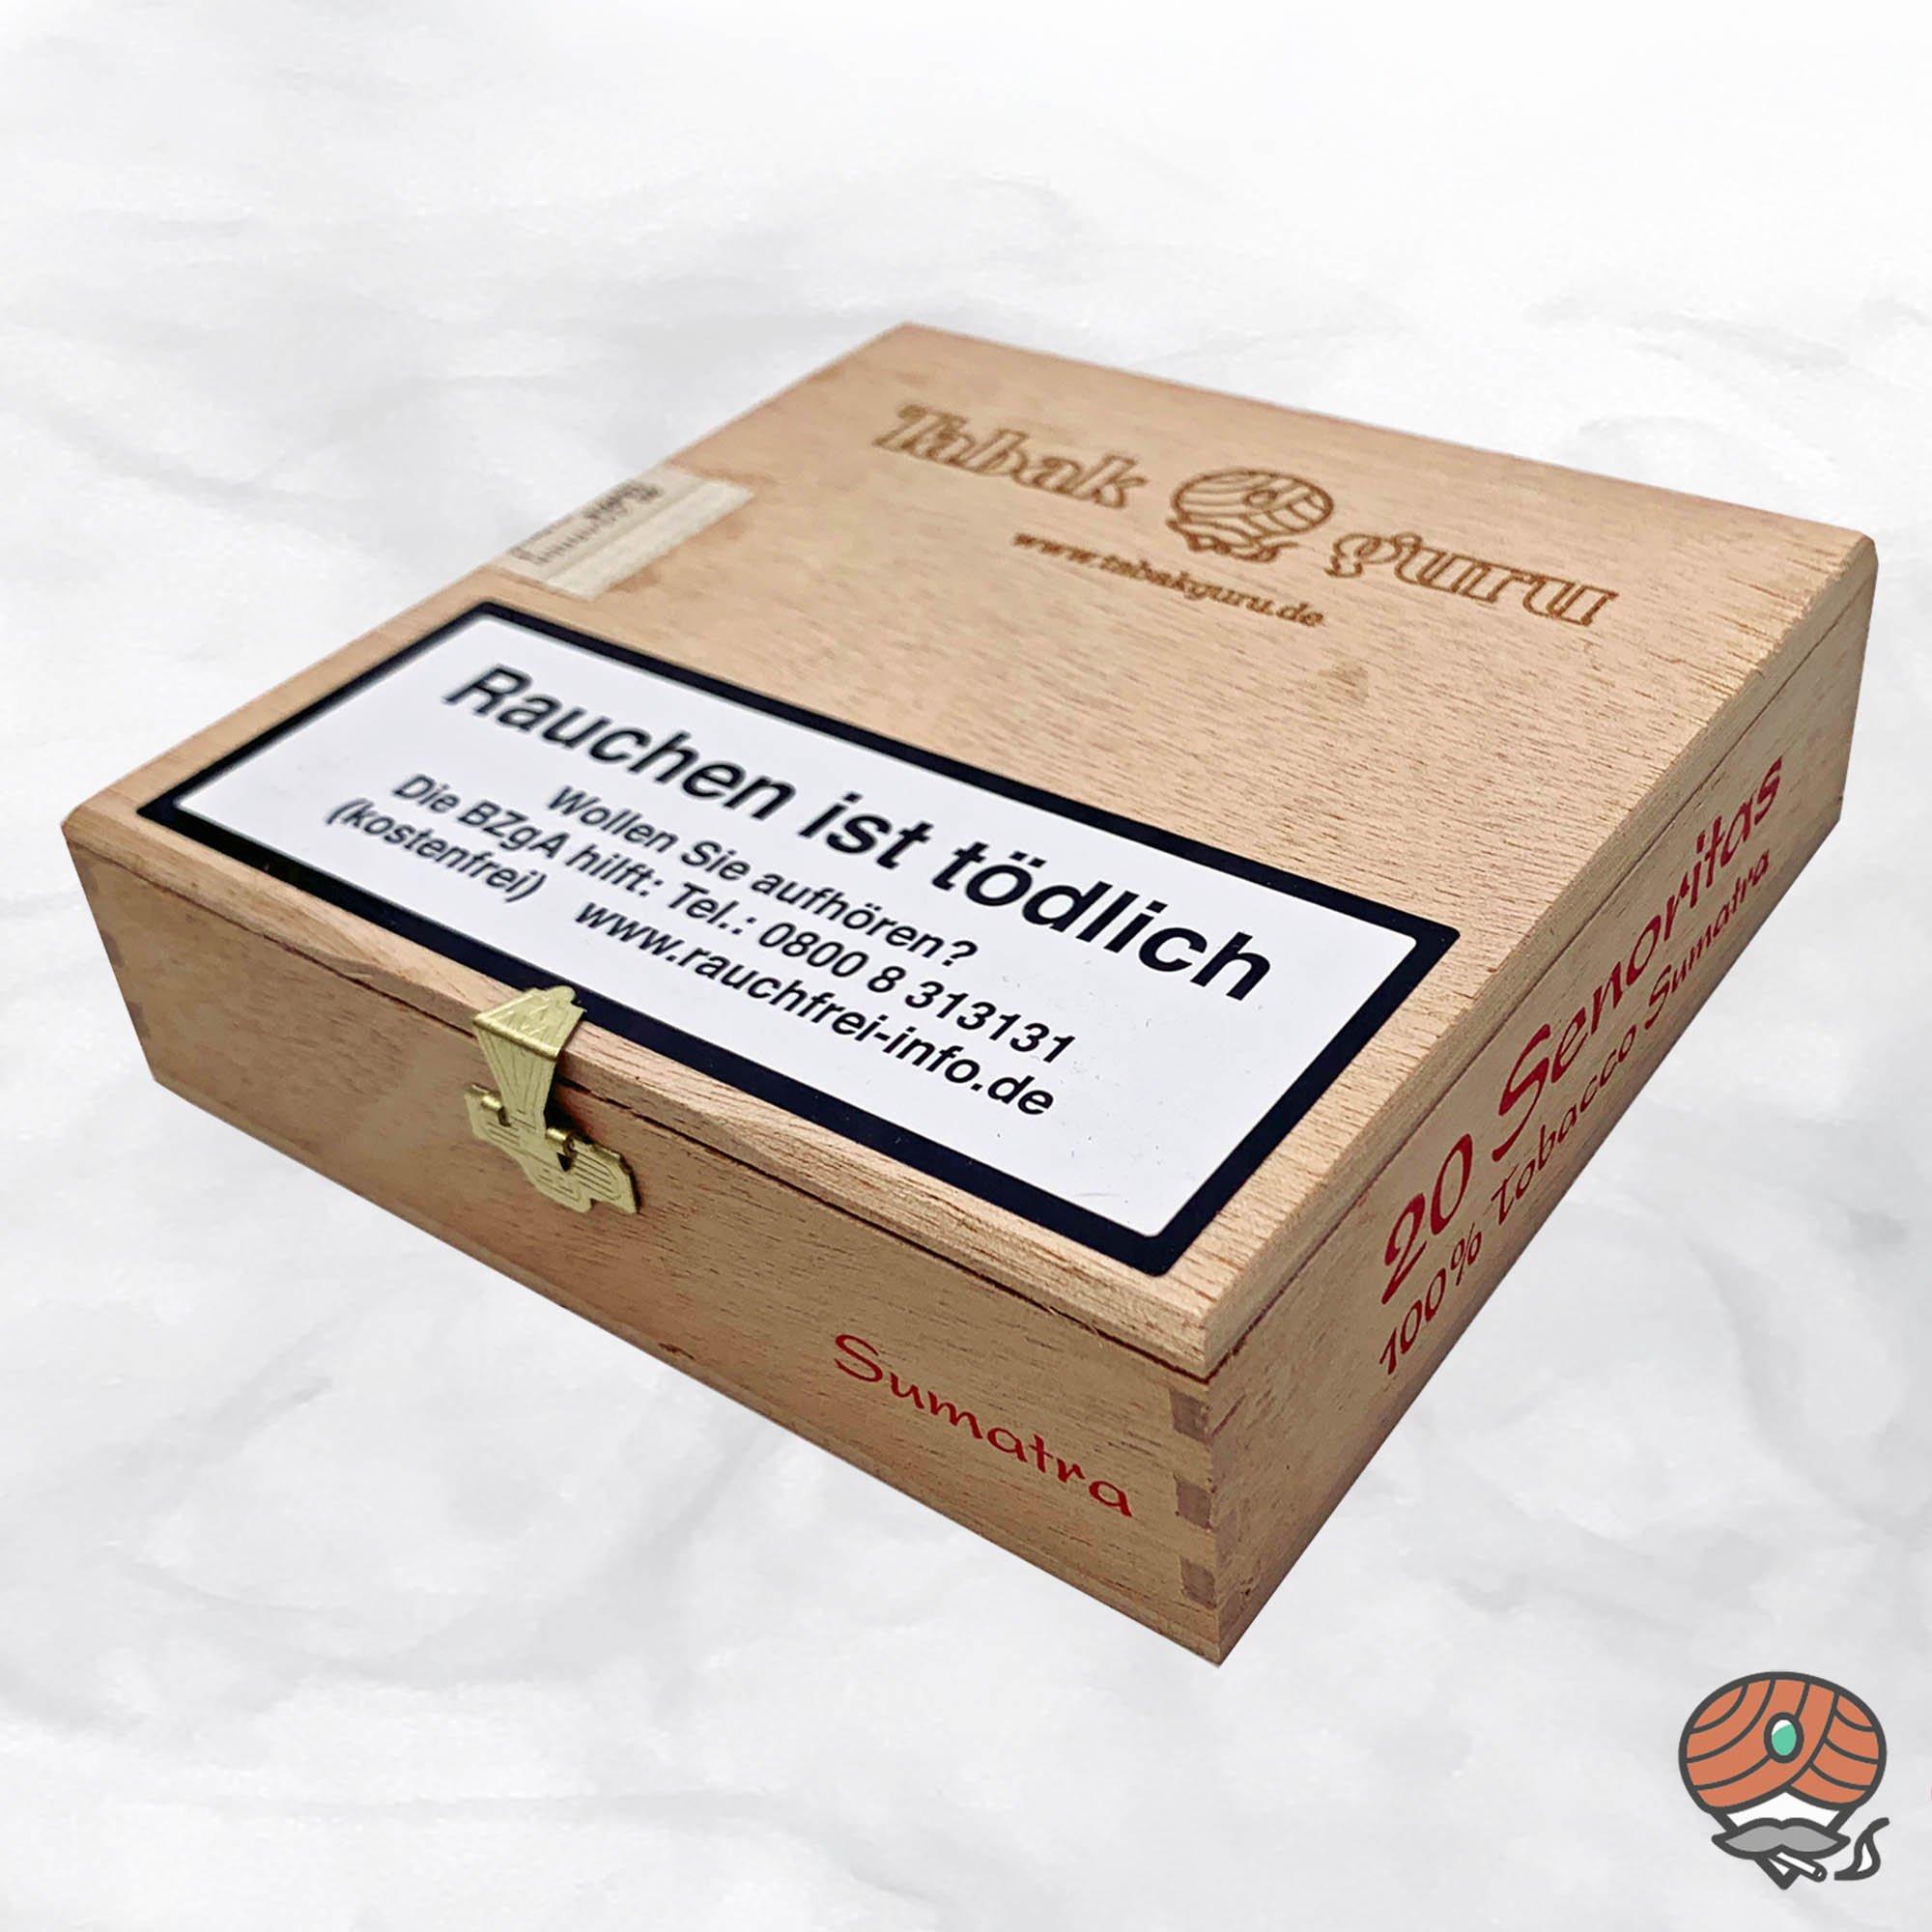 20 Tabakguru Senoritas Sumatra Zigarren 100 % Tabak